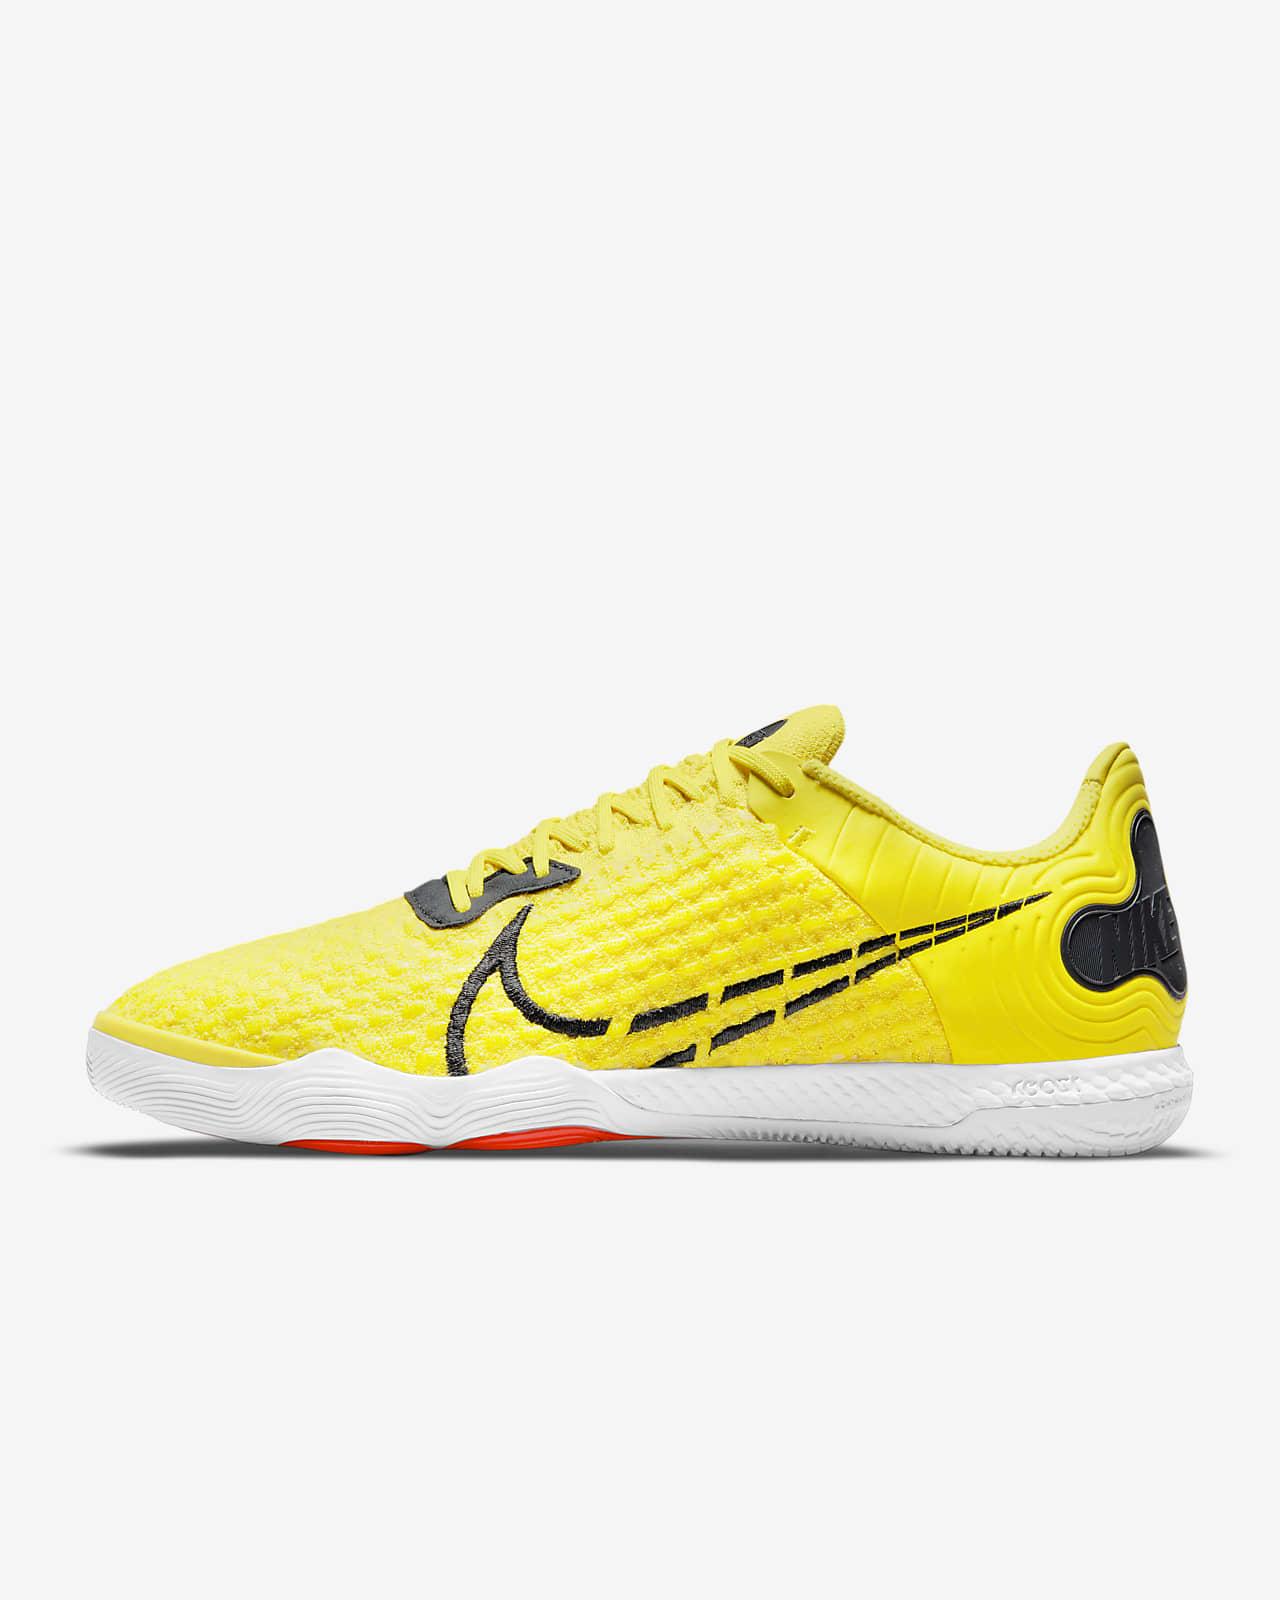 Nike React Gato-fodboldsko til indendørs